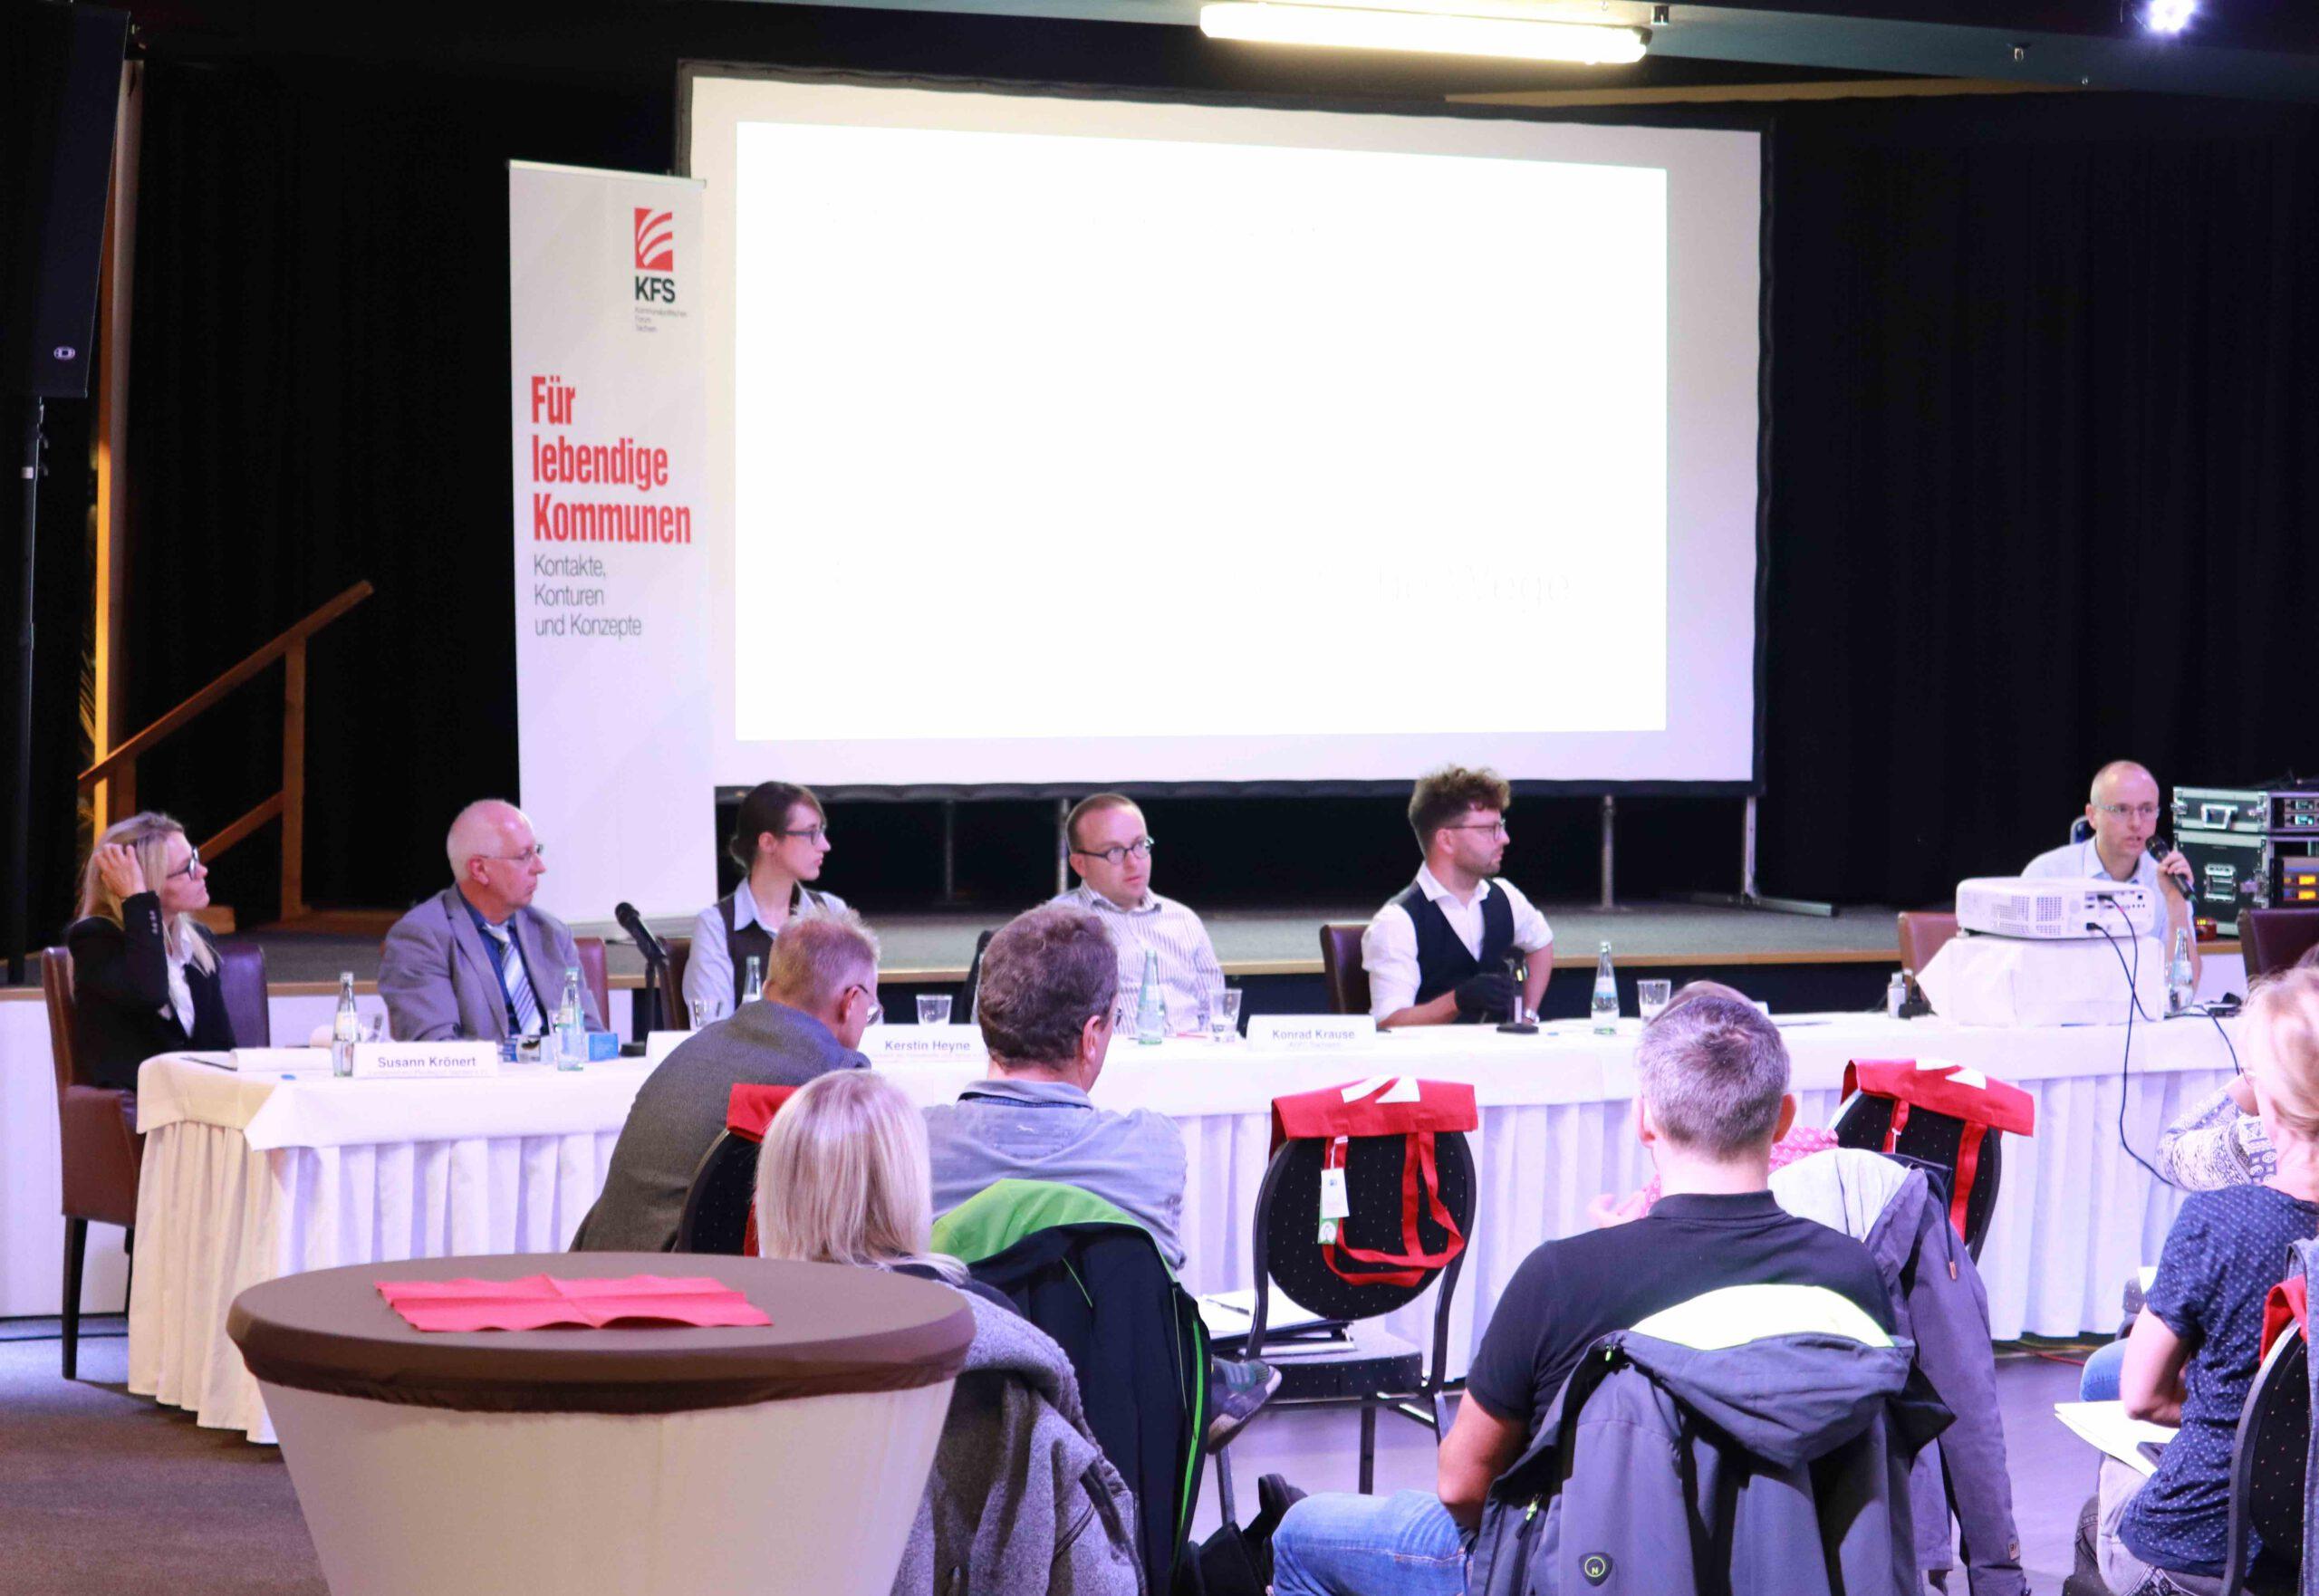 v.l.n.r.: Susann Krönert (Landesverband Pferdesport Sachsen e.V.) Steffen Schlott und Kerstin Heyne (Verband der Freizeitreiter und -fahrer e.V.), Lars Kleba (KFS), Ivo Partschefeld (Sachsens Wege)